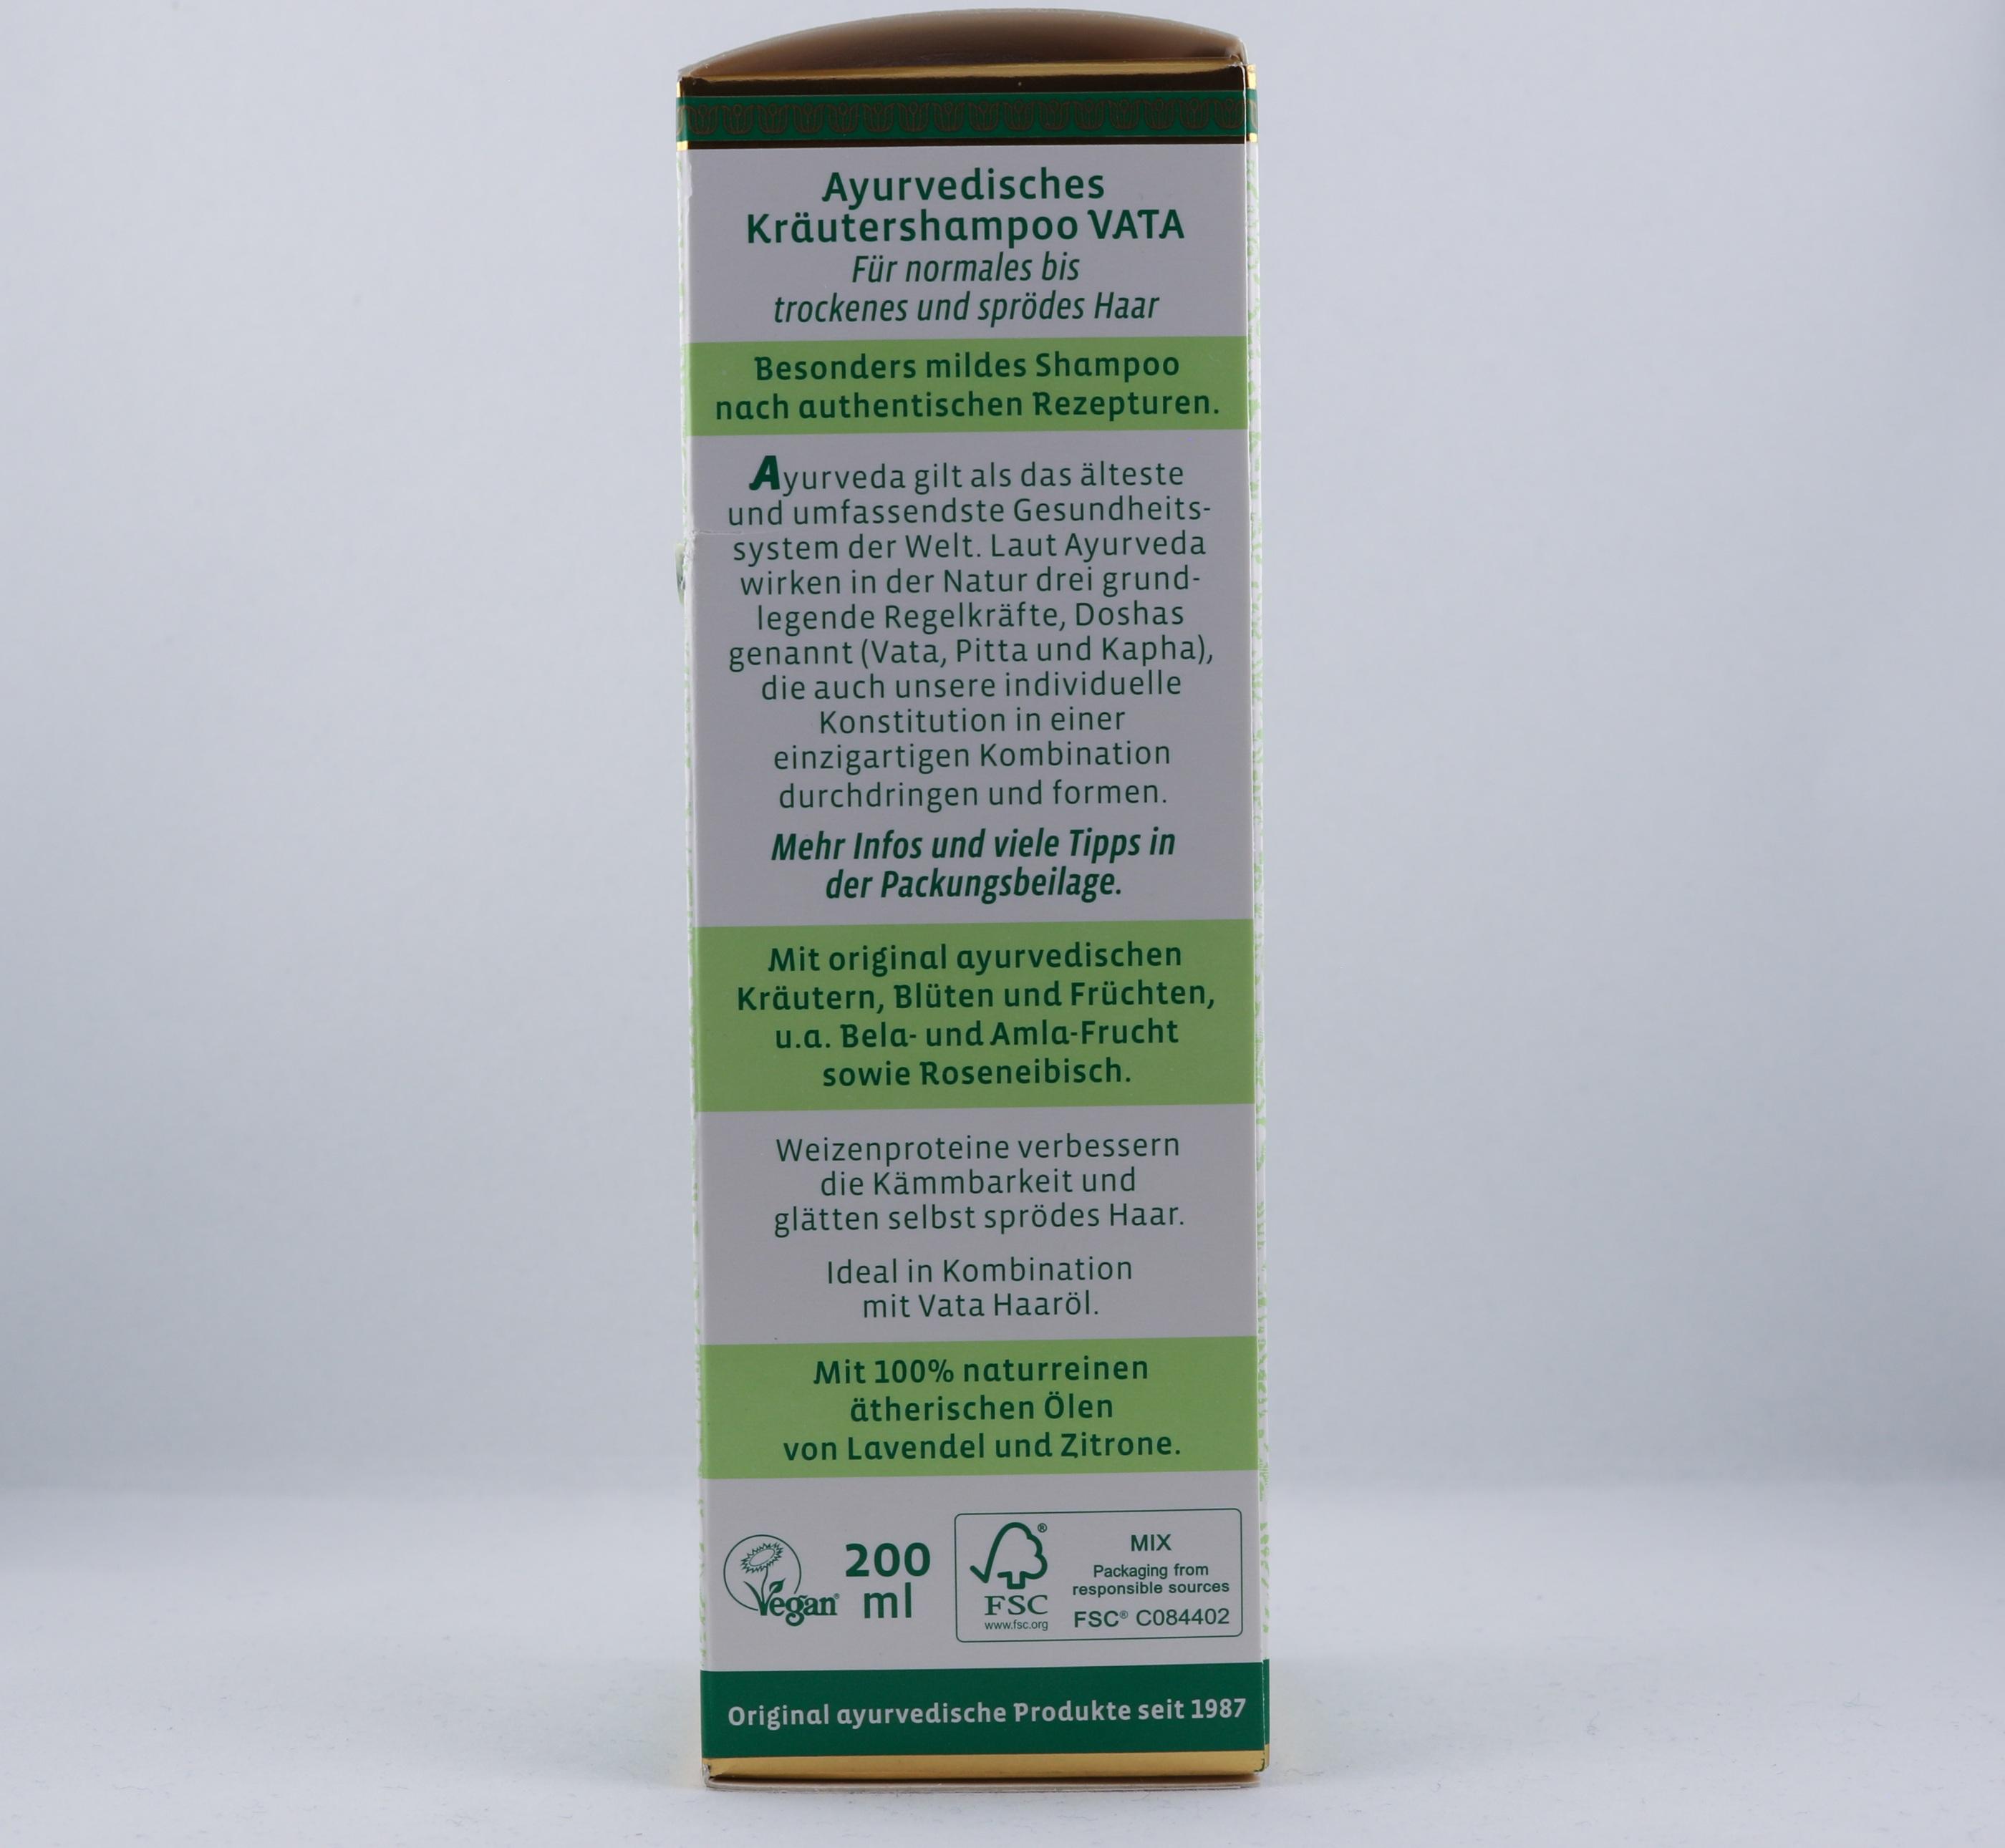 Vata schampo hygien hårtyper alternativ hälsa wellness ayurveda naturligt